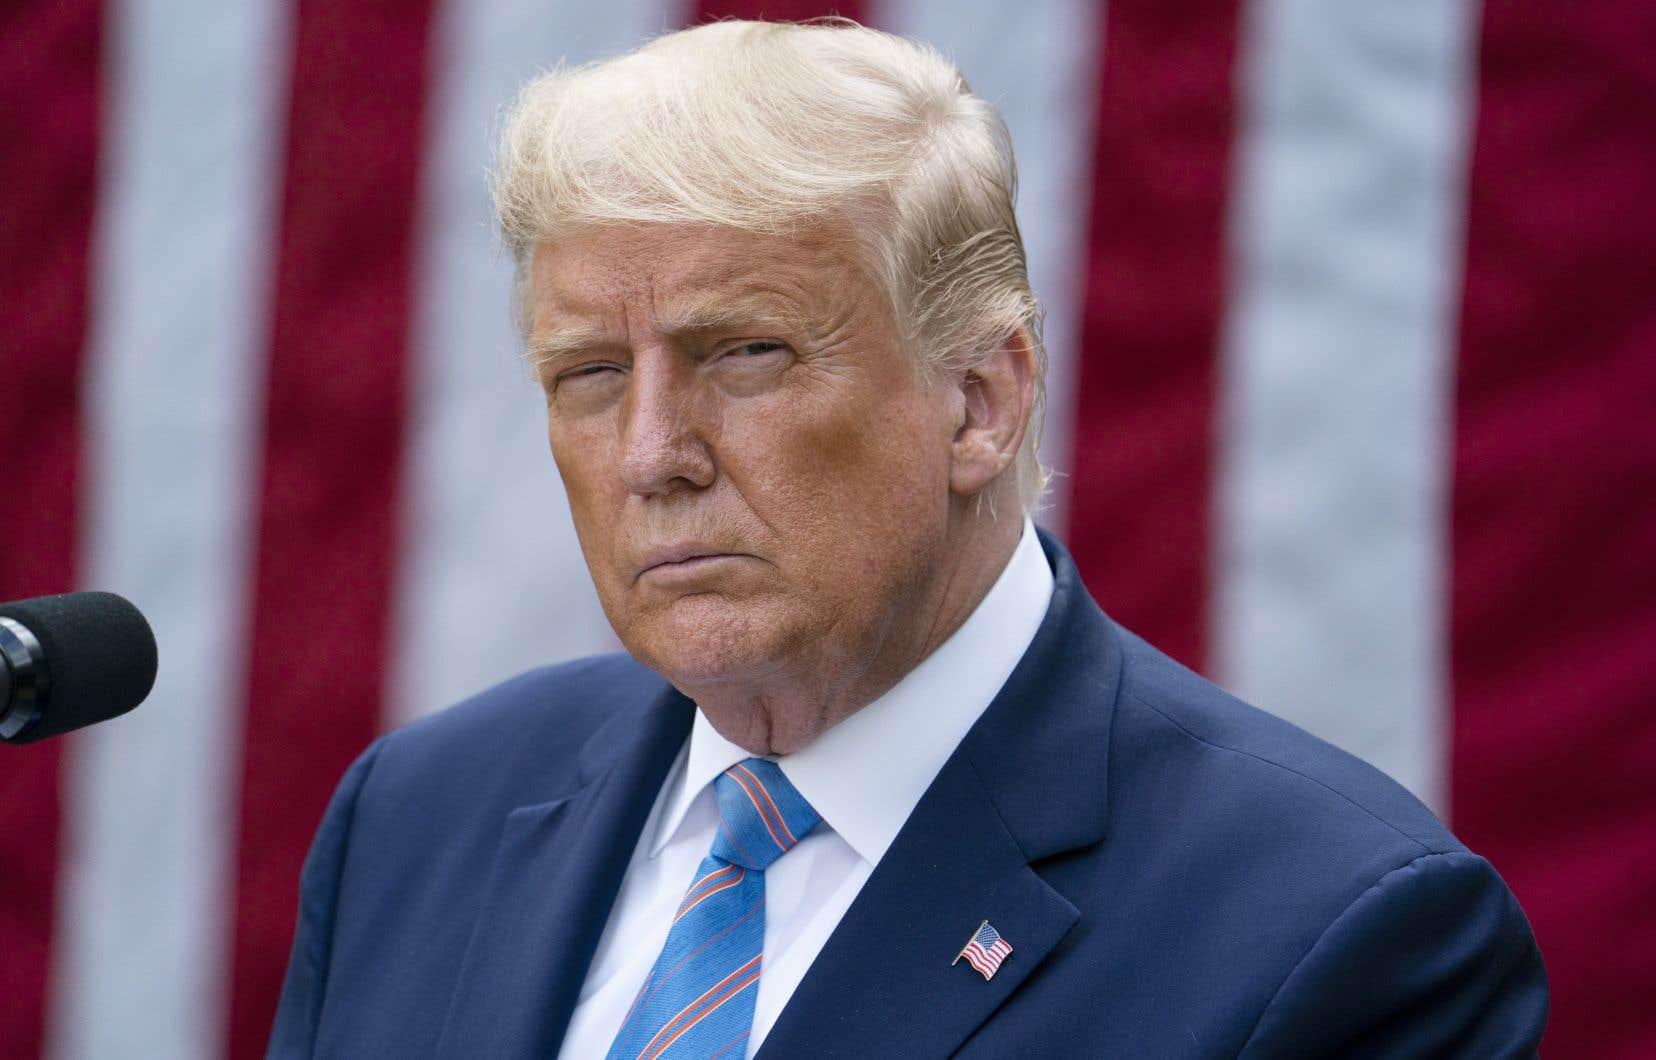 Contrairement à tous ses prédécesseurs depuis les années 1970, Donald Trump, qui a fait de sa fortune un argument de campagne, refuse de publier ses déclarations fiscales.